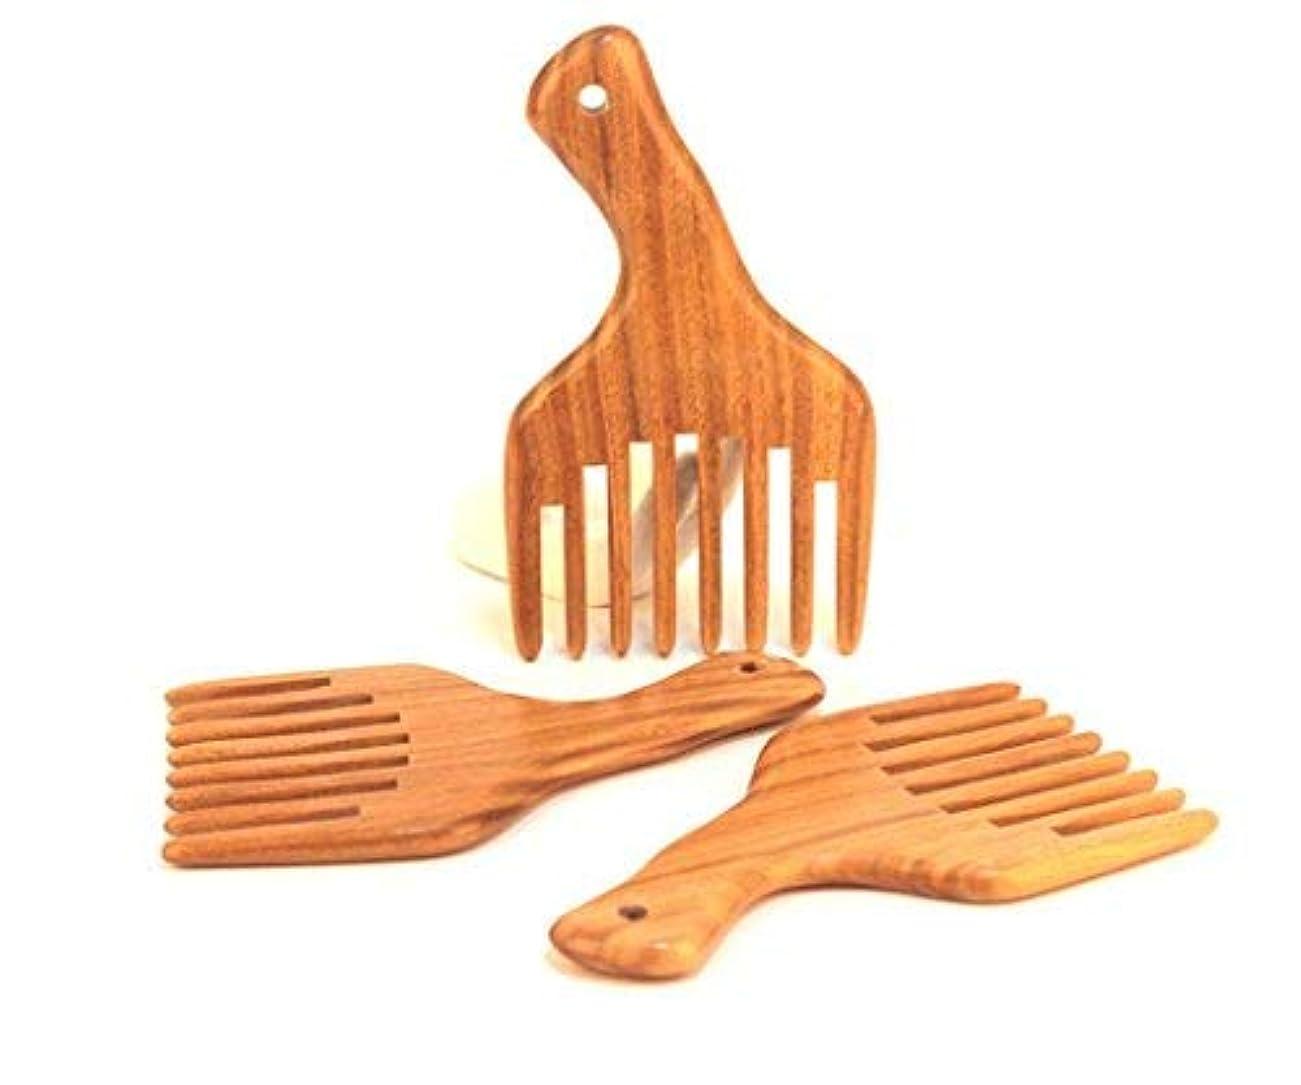 警告するチャンピオンシップ現実的1PC Hot sale Wide Tooth Sandalwood Comb Smooth Detangler Pick For Long Hair or Massive Beard Massages Scalp Anti-Static [並行輸入品]